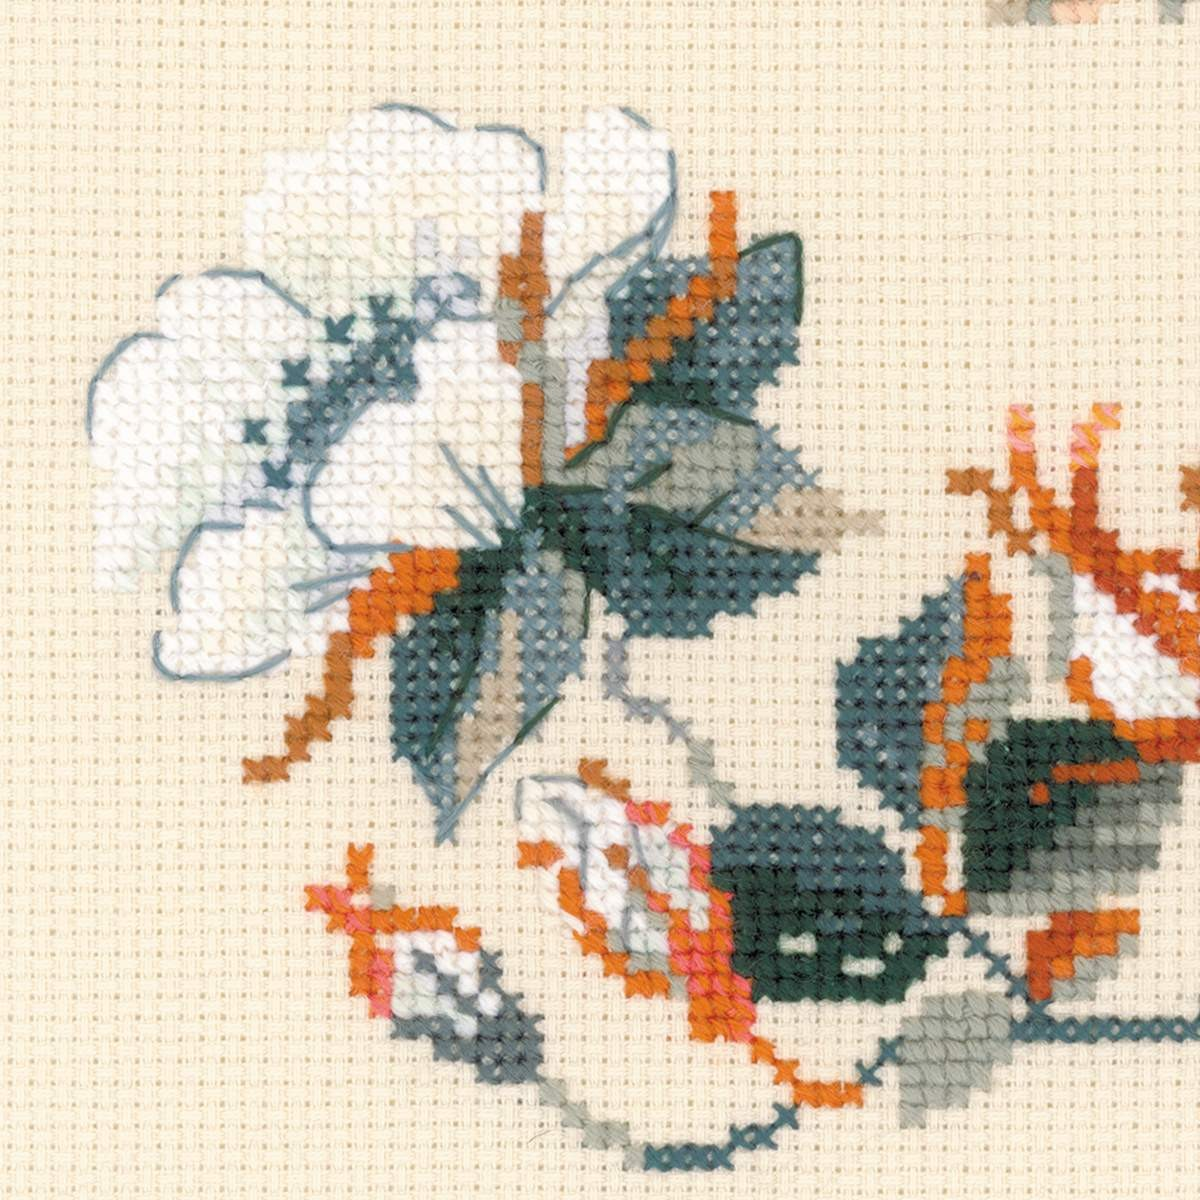 Схемы вышивки из Китая - купить схемы вышивки, цены, фото